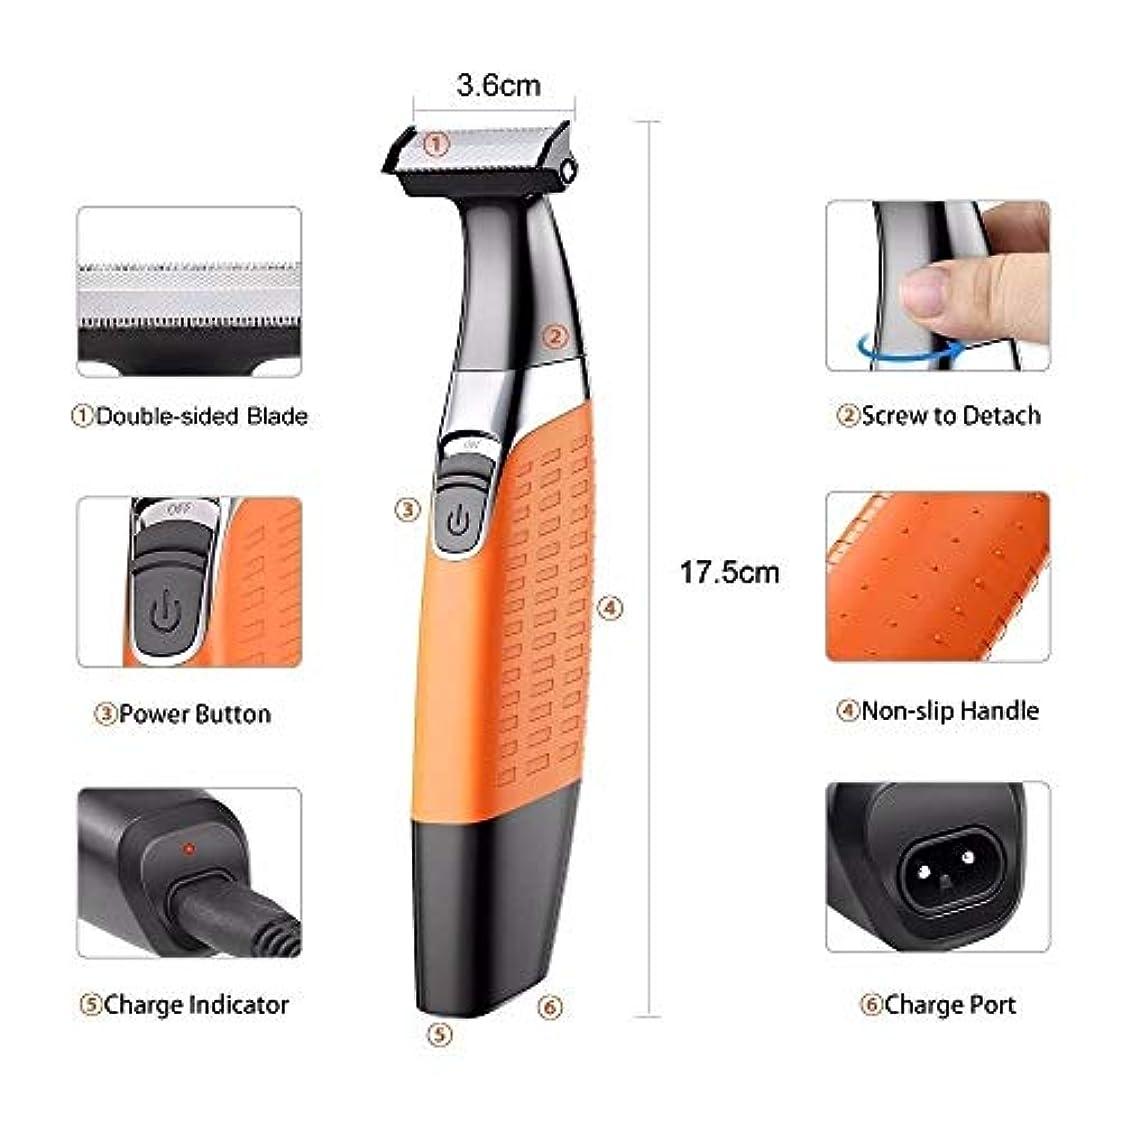 使用法安全な事業洗えば洗える充電式電動カミソリ、理容機、ボディ除毛カミソリ、4本のガイドブラシは、男性用と女性用がある